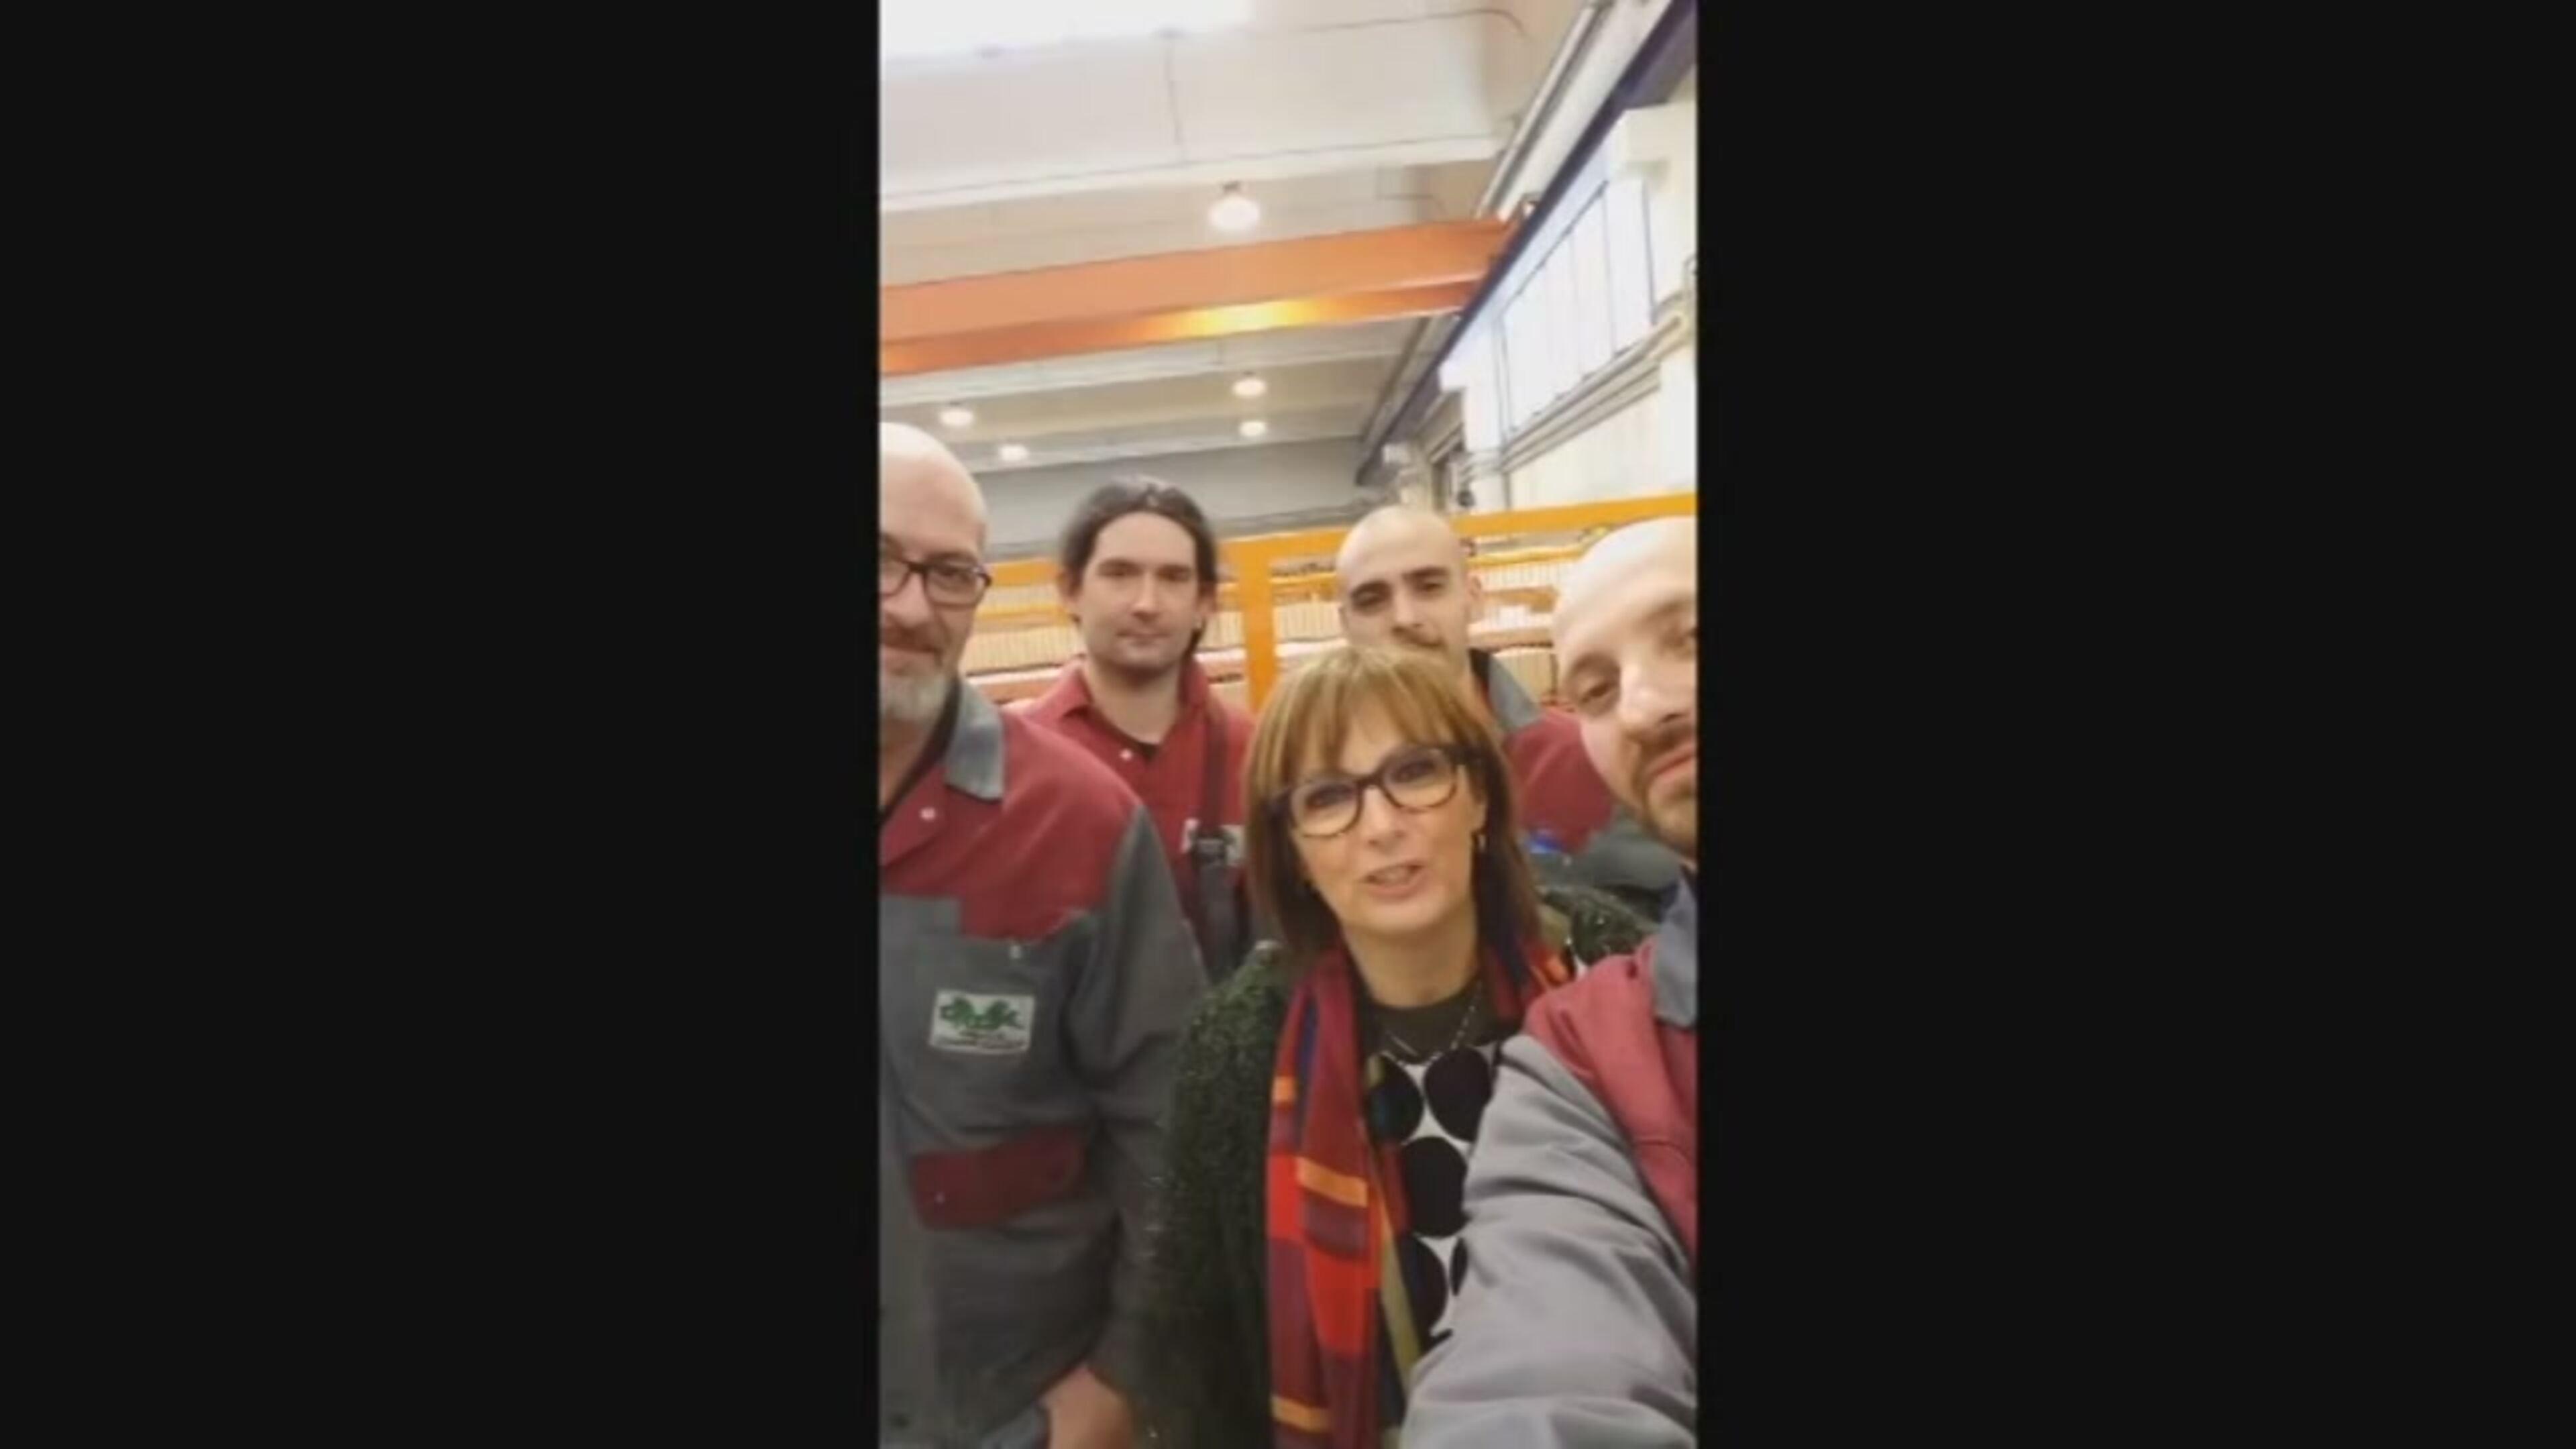 Varese, i dipendenti ringraziano il titolare con un video